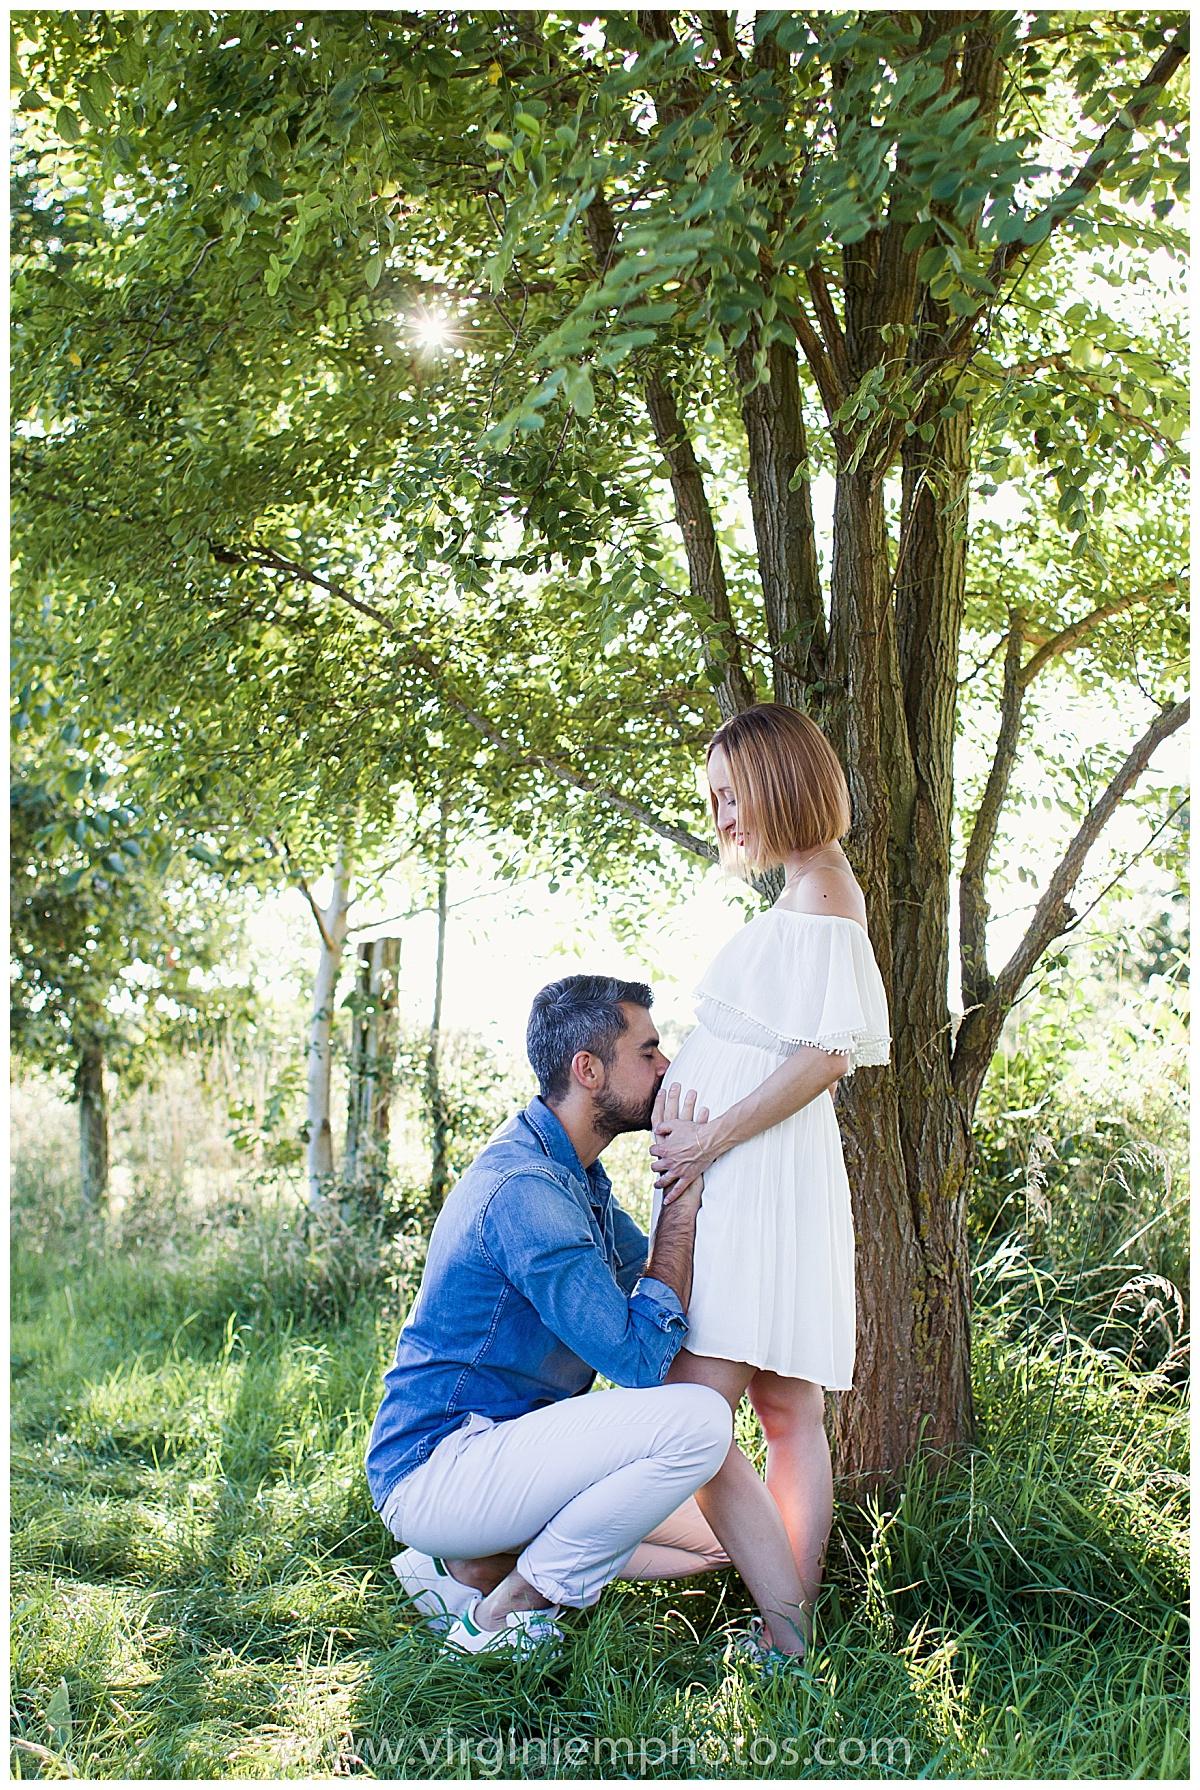 Virginie M. Photos-photographe maternité nord-photographe grossesse nord-photos extérieur-grossesse-nord-photographe (11)